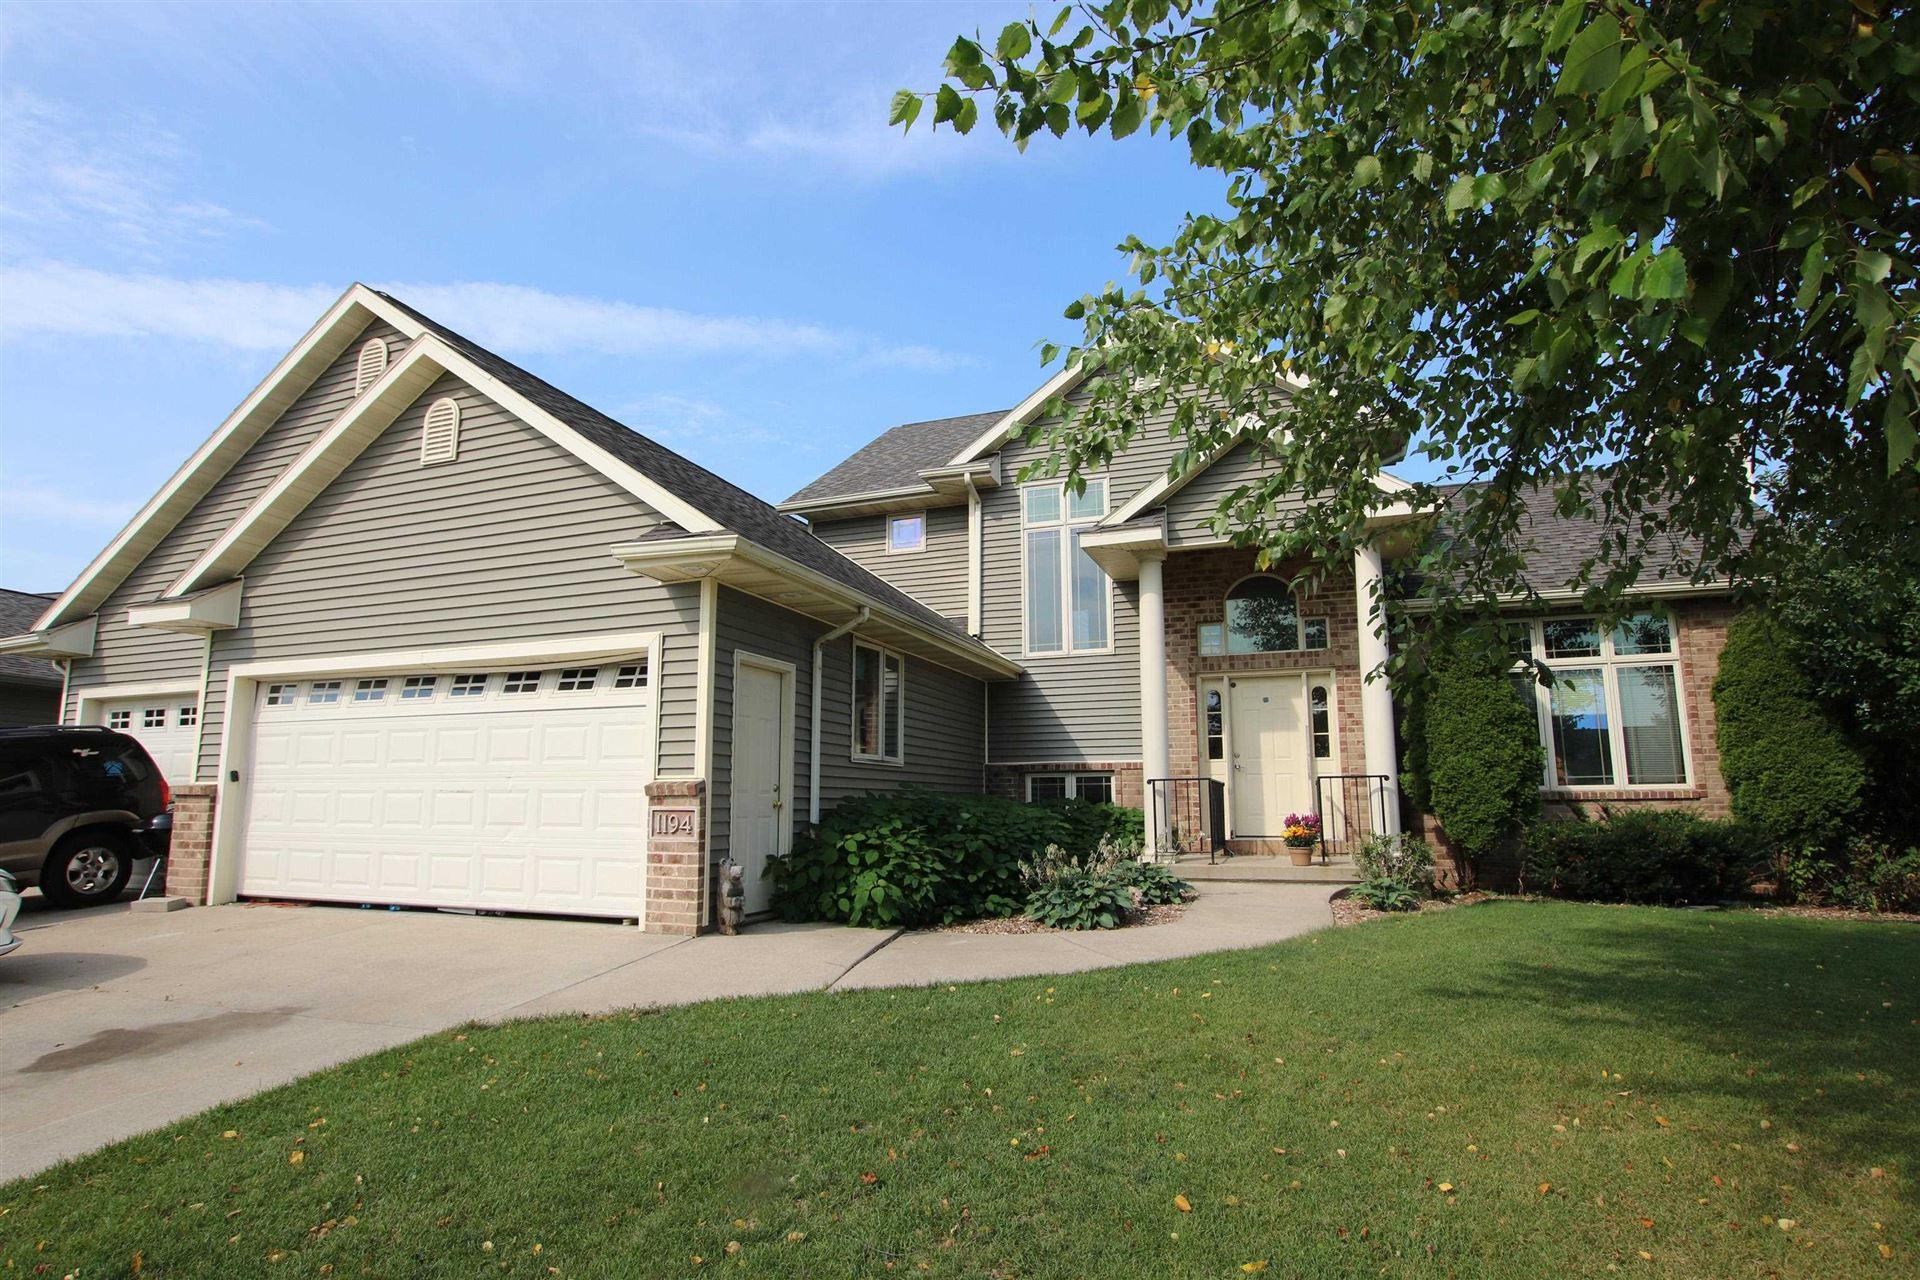 1194 S PARK Avenue, Fond du Lac, WI 54935 - MLS#: 50246348